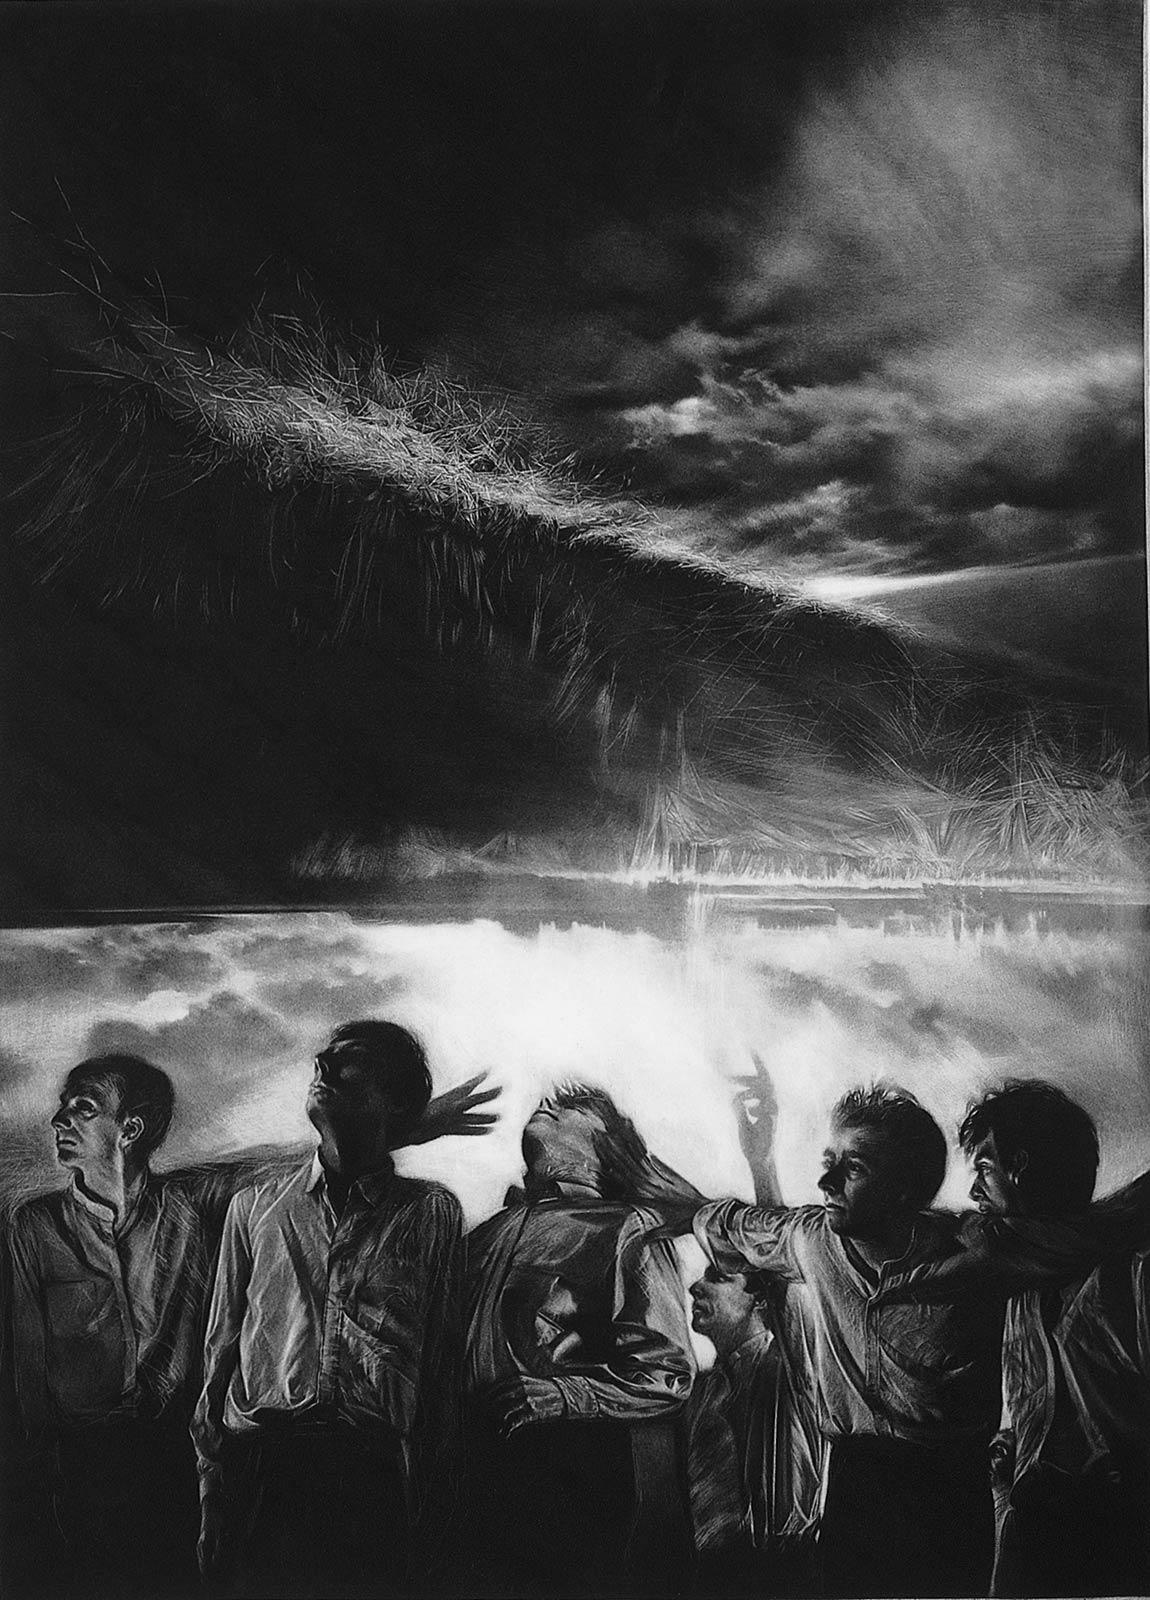 Attraction 5 (Six men gaze rightward. 1 points upwards in landscape in turmoil)